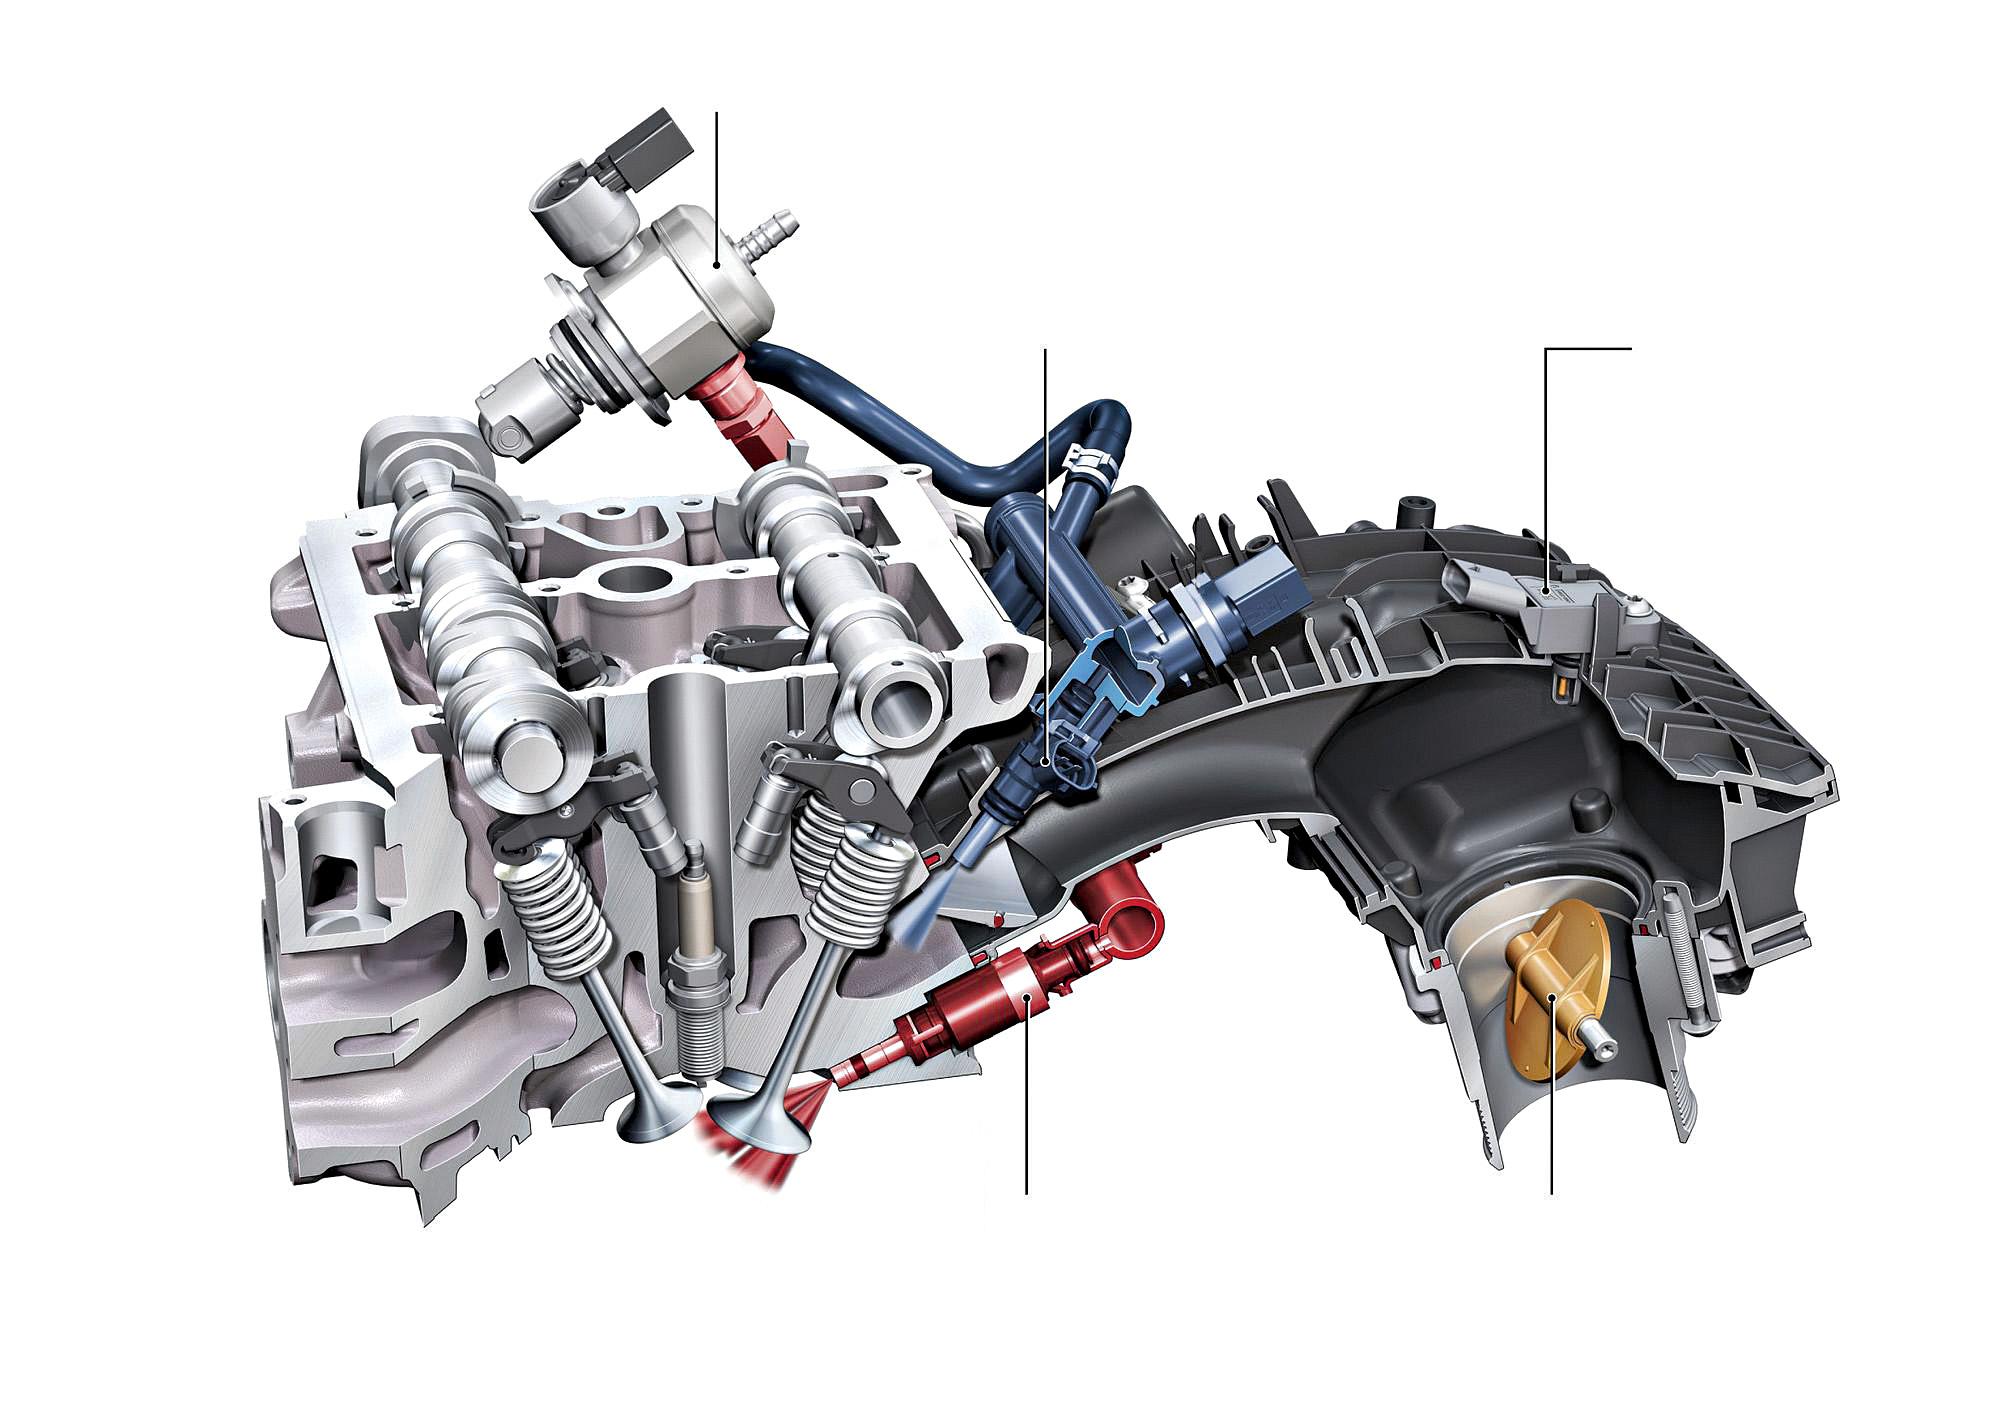 Os bicos de injeção indireta (azul) pulverizam o combustível no coletor de admissão; os de injeção direta (vermelha) fazem isso diretamente dentro do cilindro